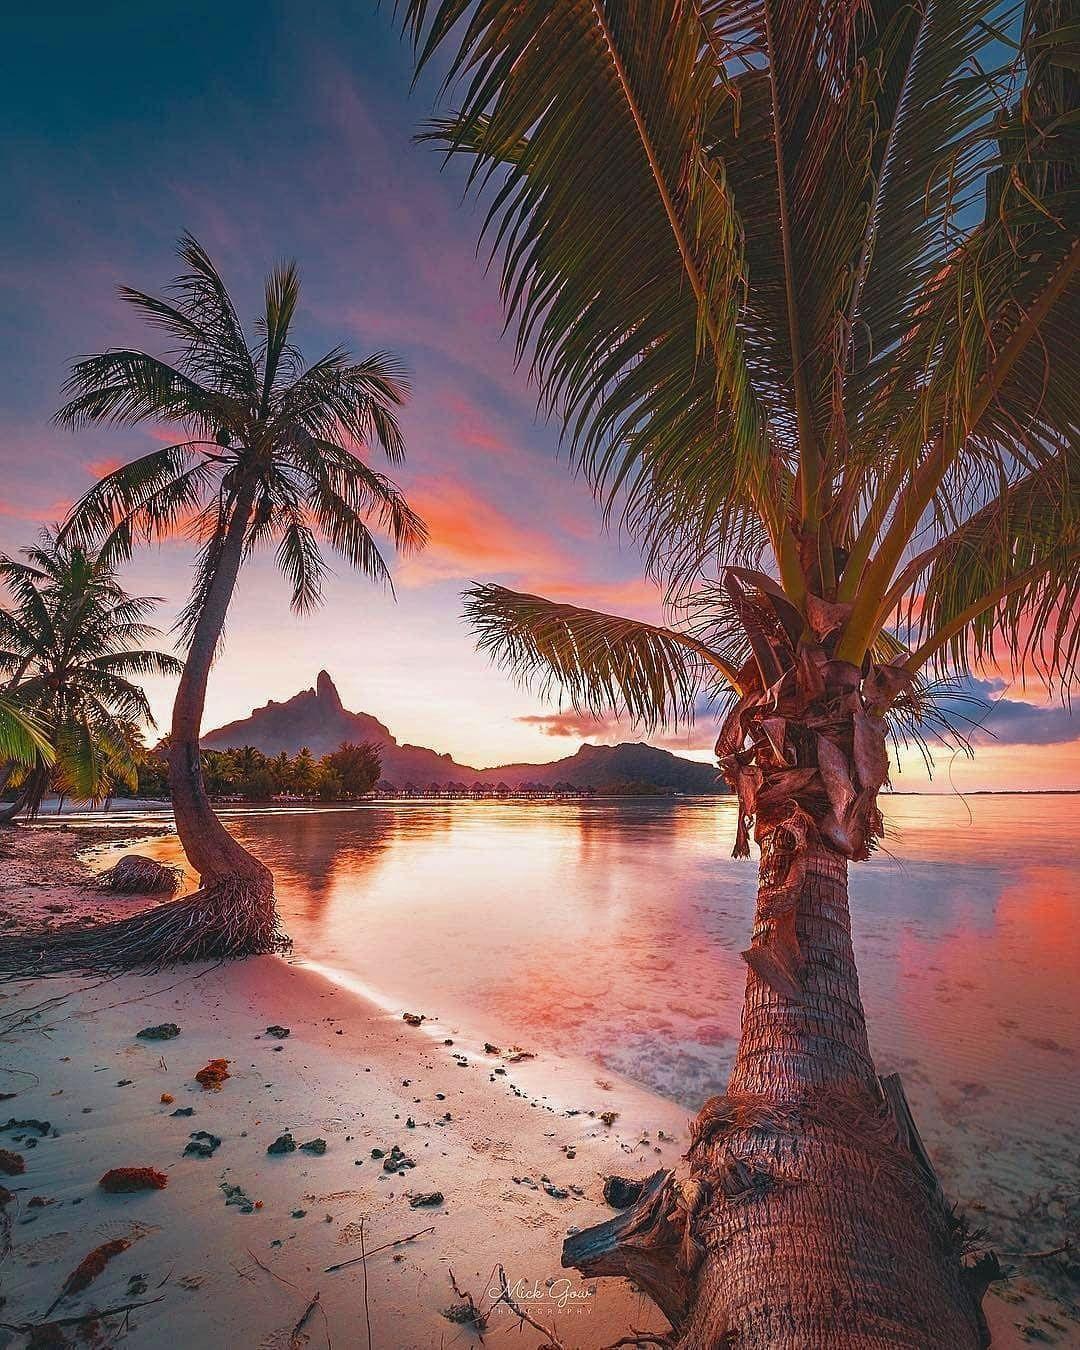 Sol uppgång stranden dating Lacey Schwimmer och Kyle Massey dating